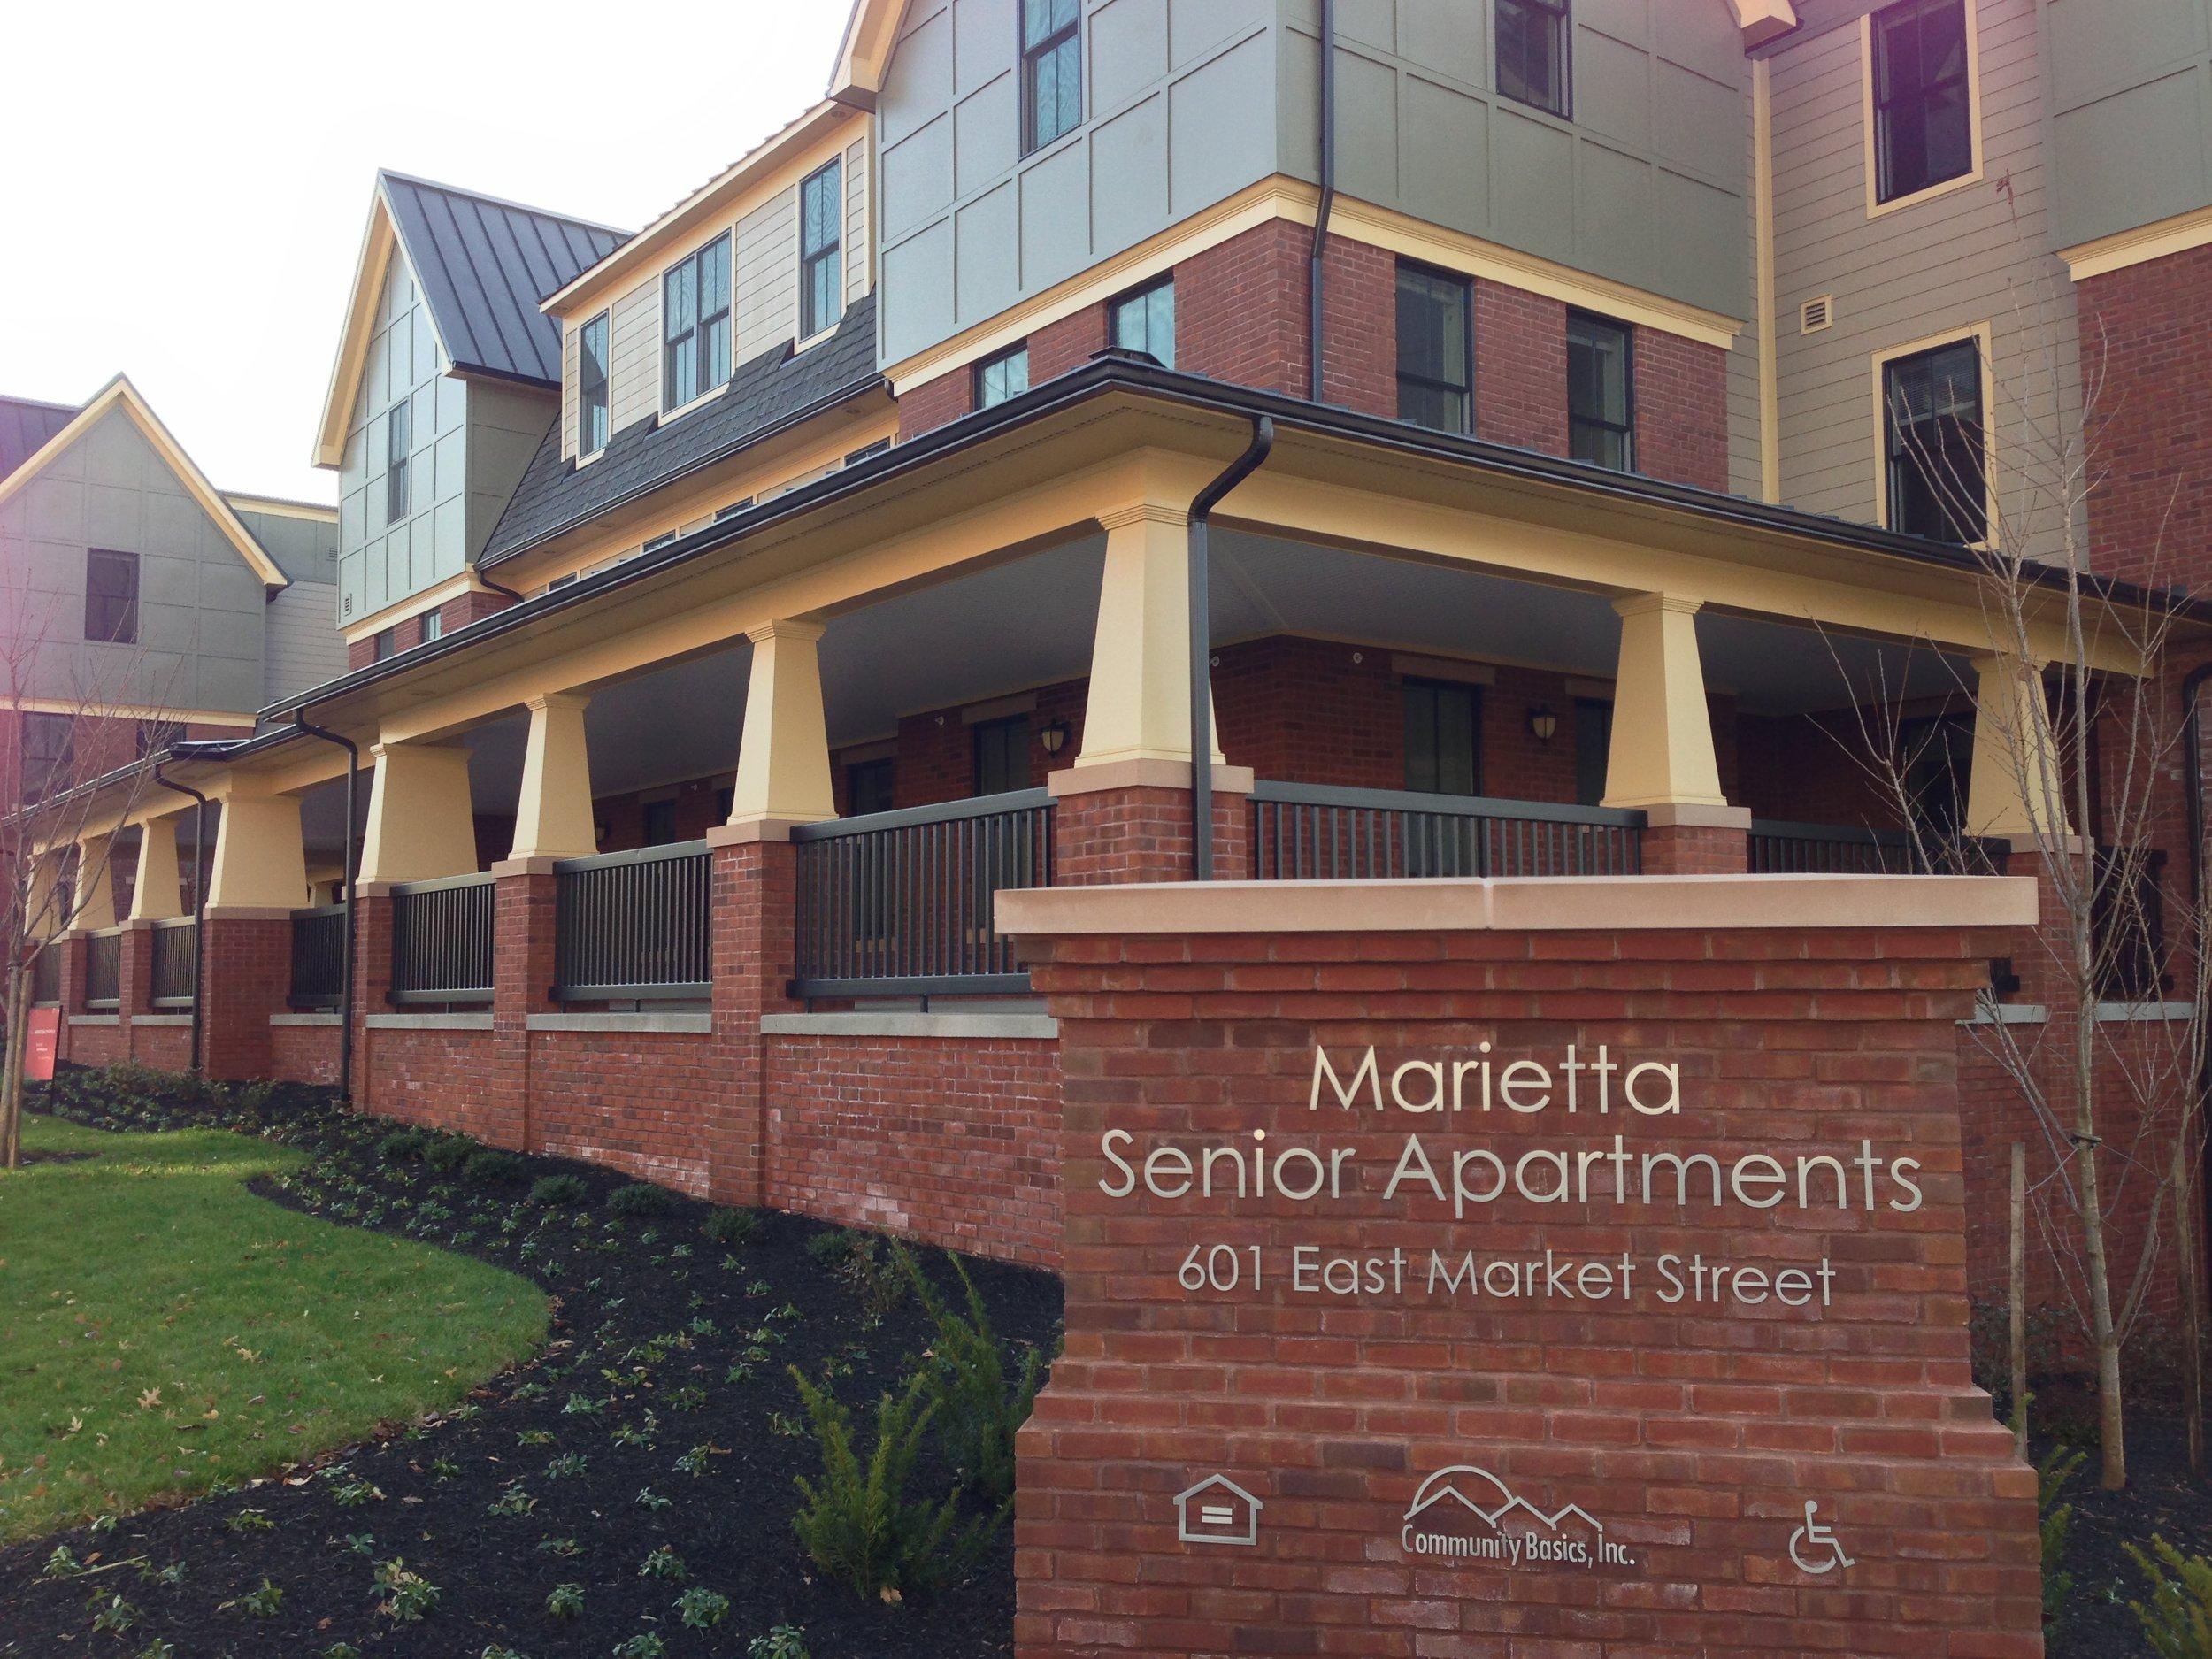 marietta senior apartments